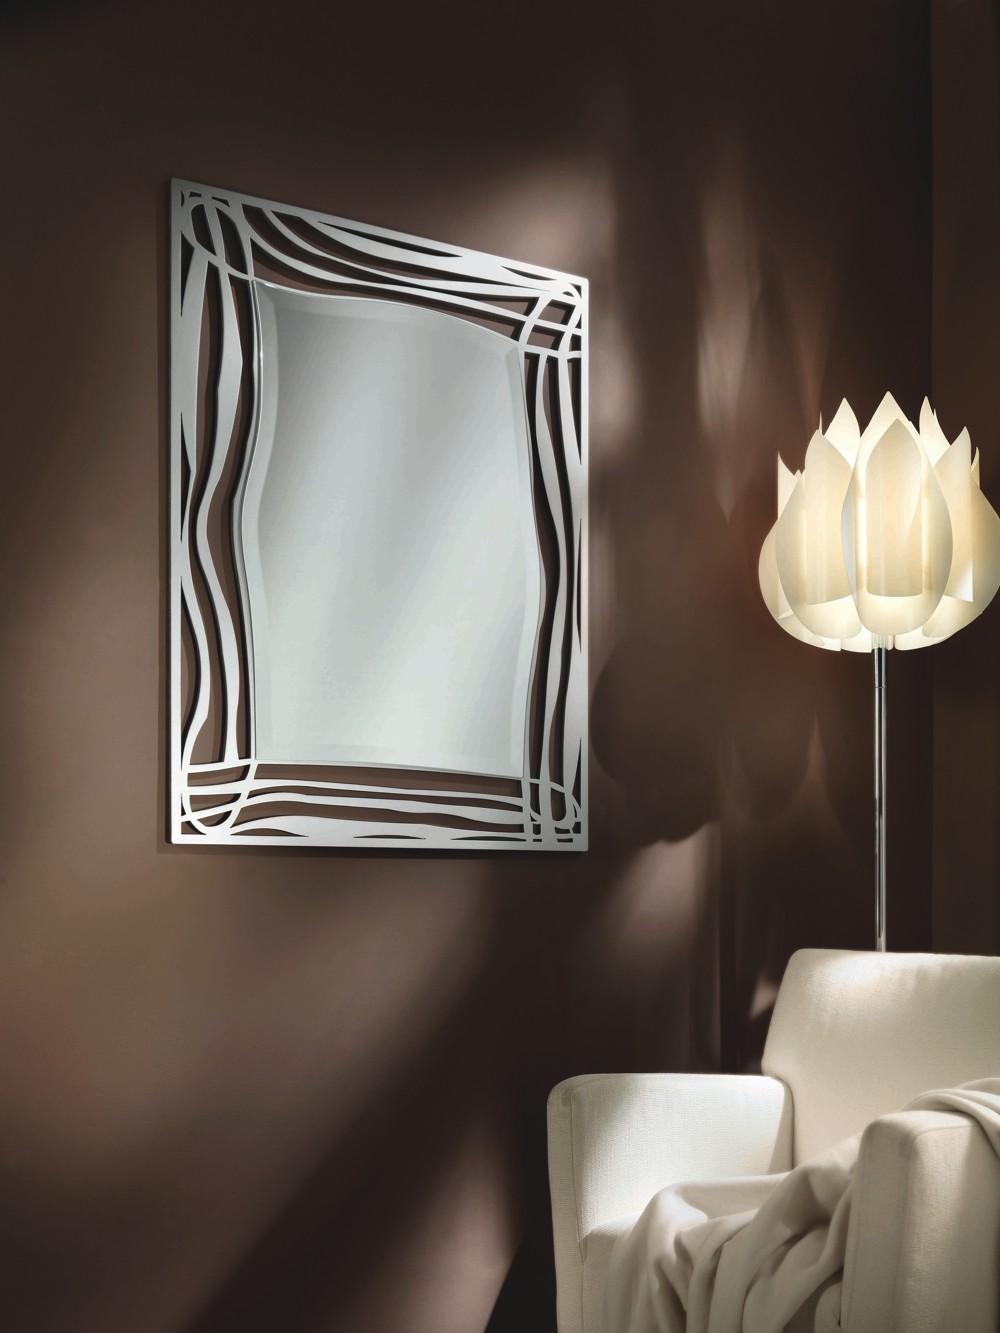 specchio-01